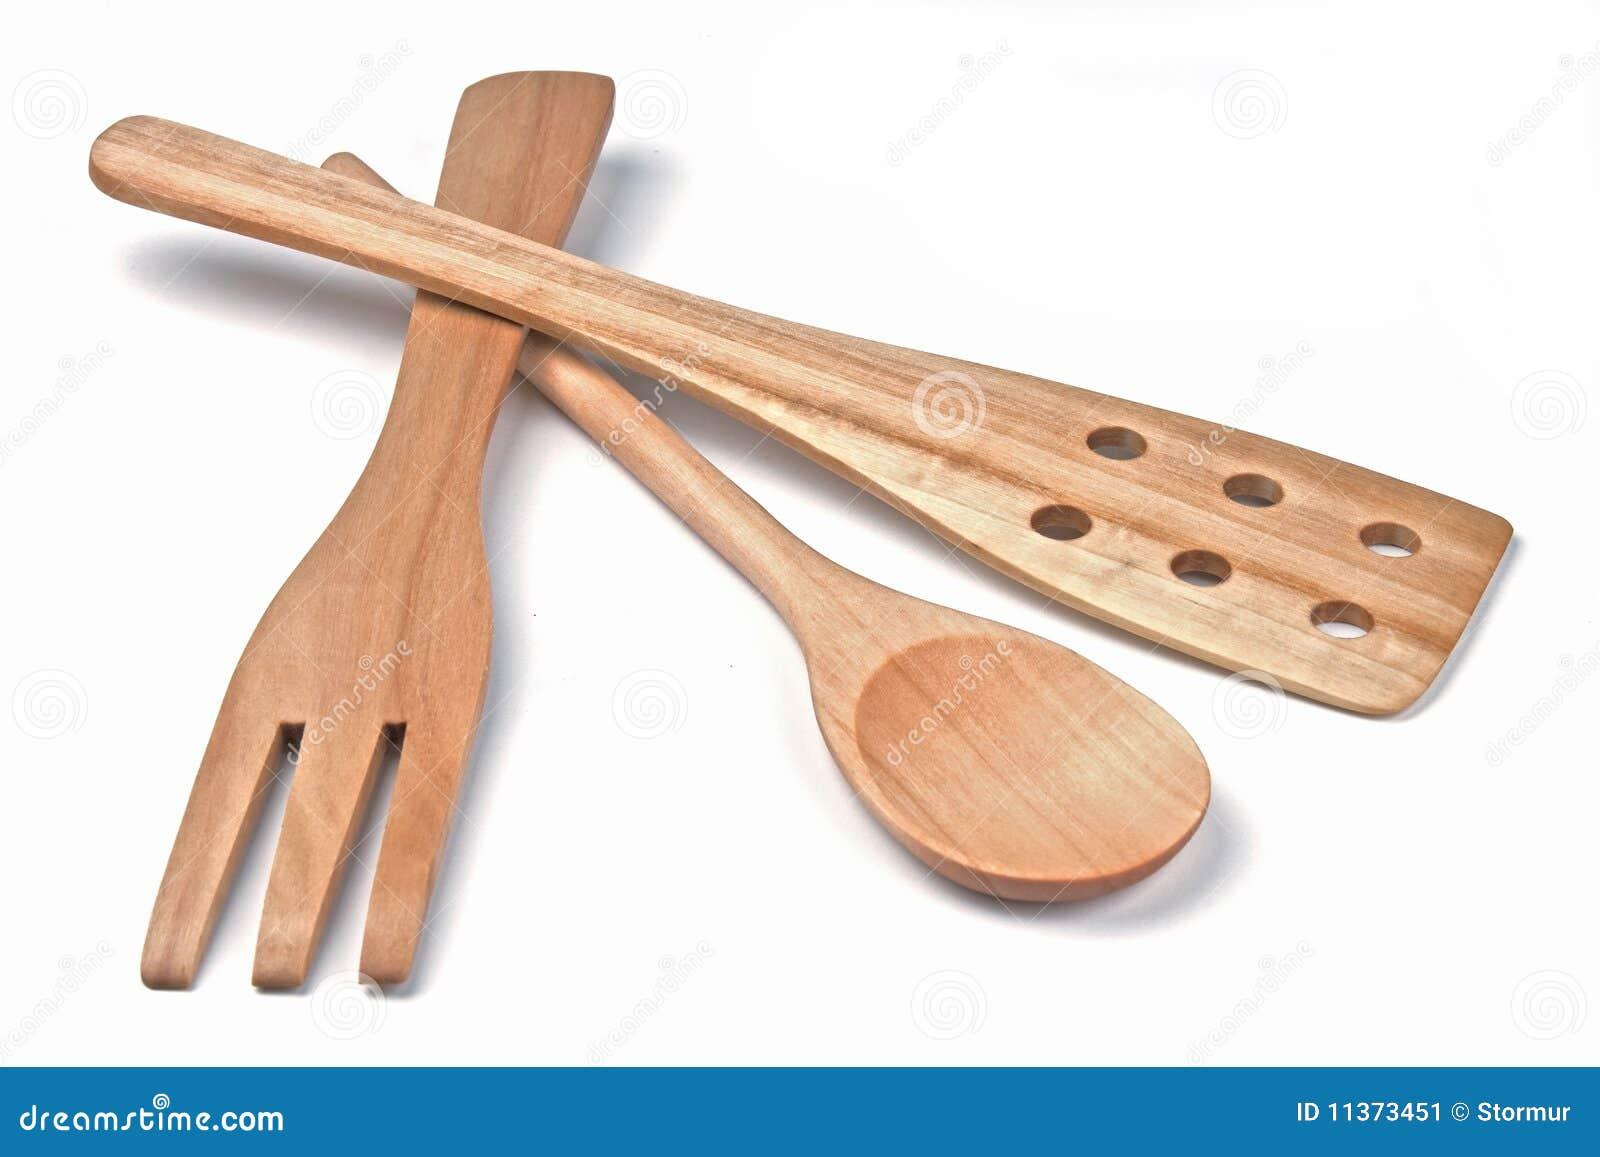 Utensilios de cocina imagen de archivo imagen 11373451 for Utensilios de cocina tumblr